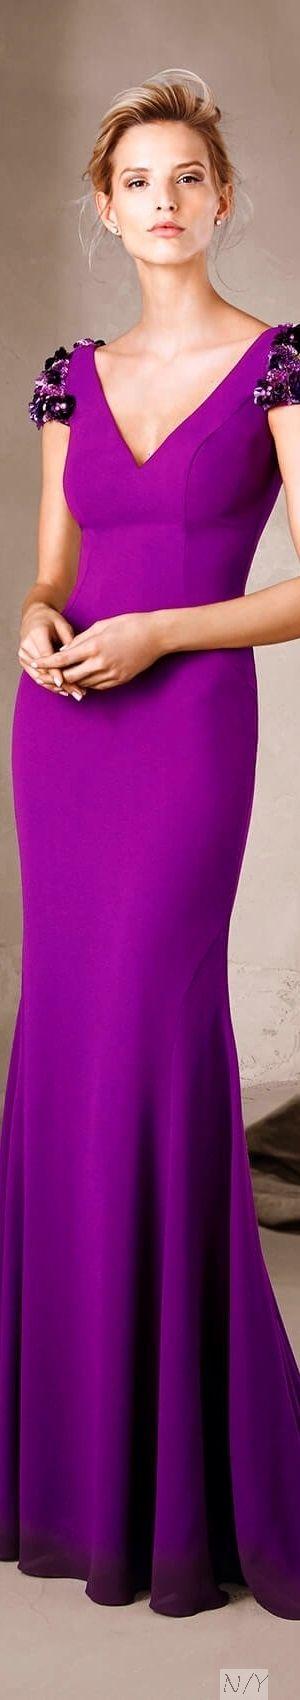 Mejores 108 imágenes de vestidos en Pinterest | Vestidos bonitos ...